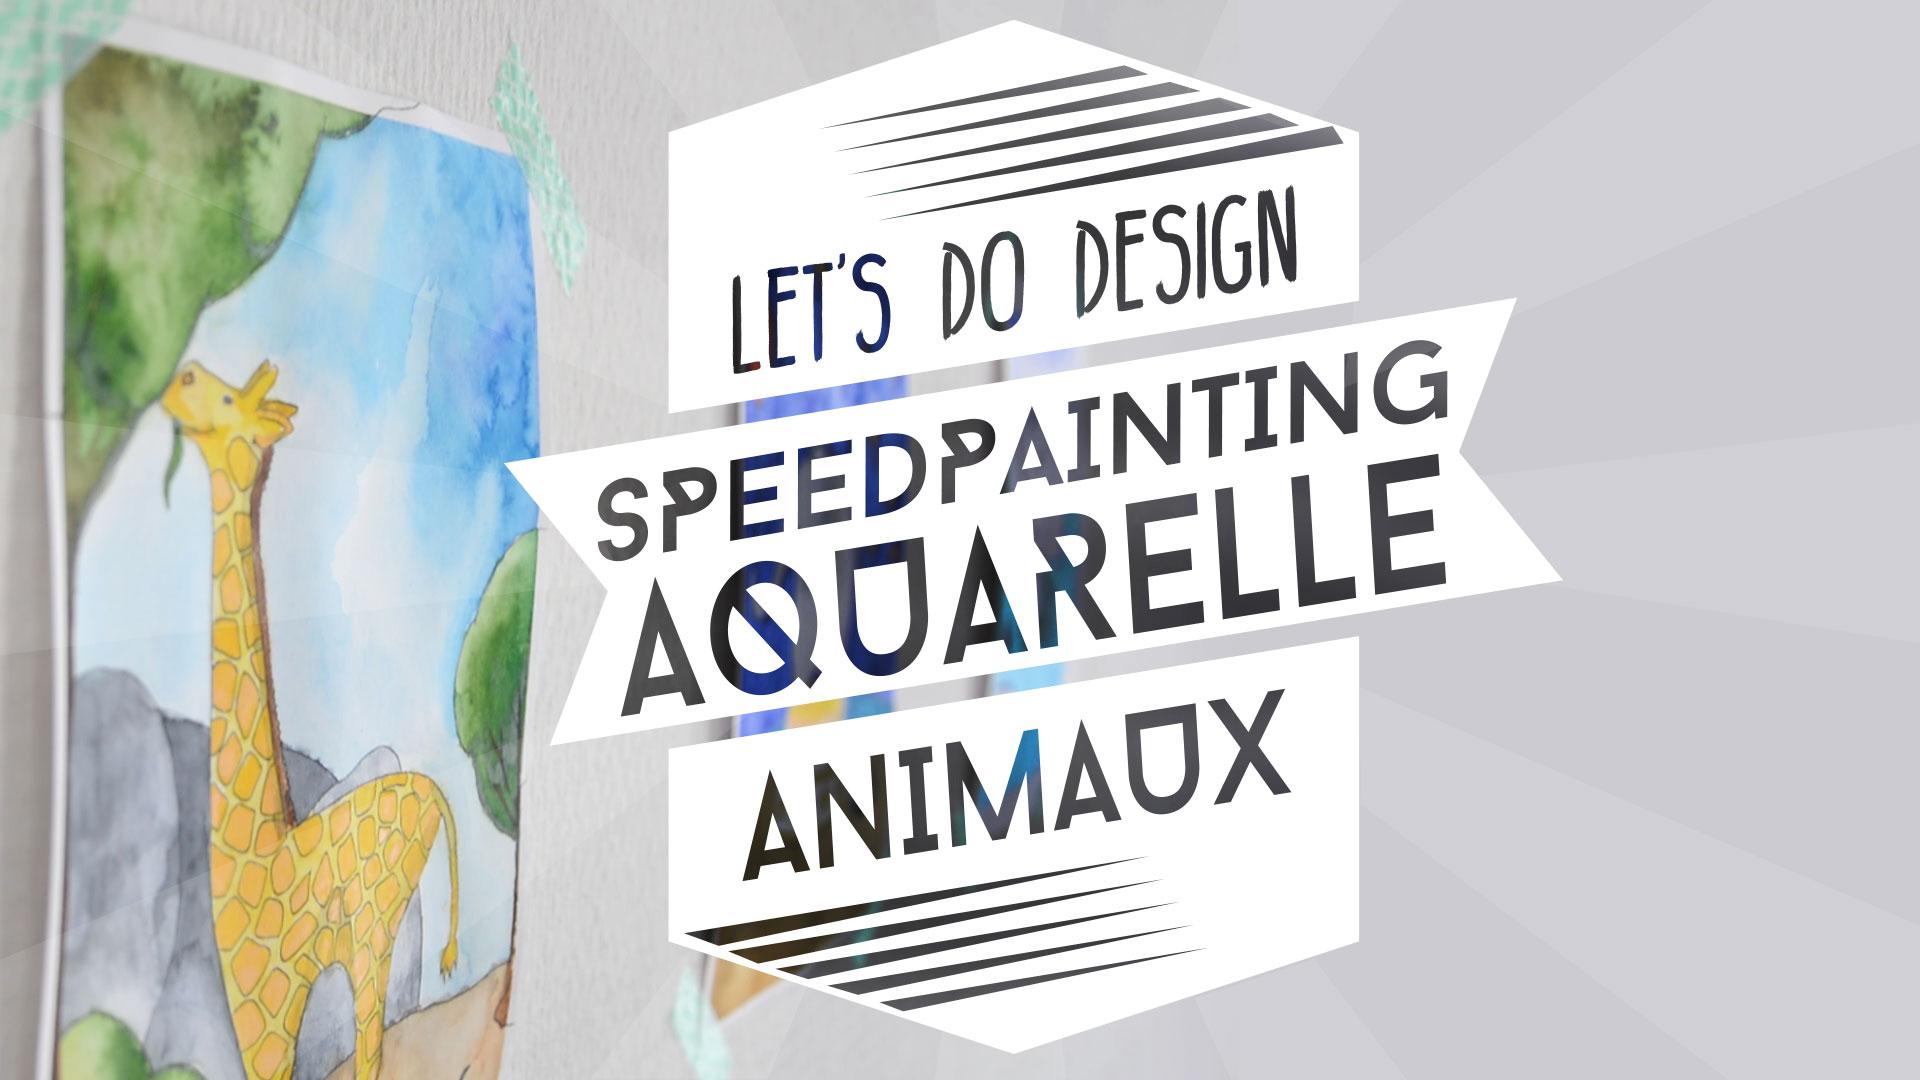 Speedpainting aquarelle Van Gogh : animaux